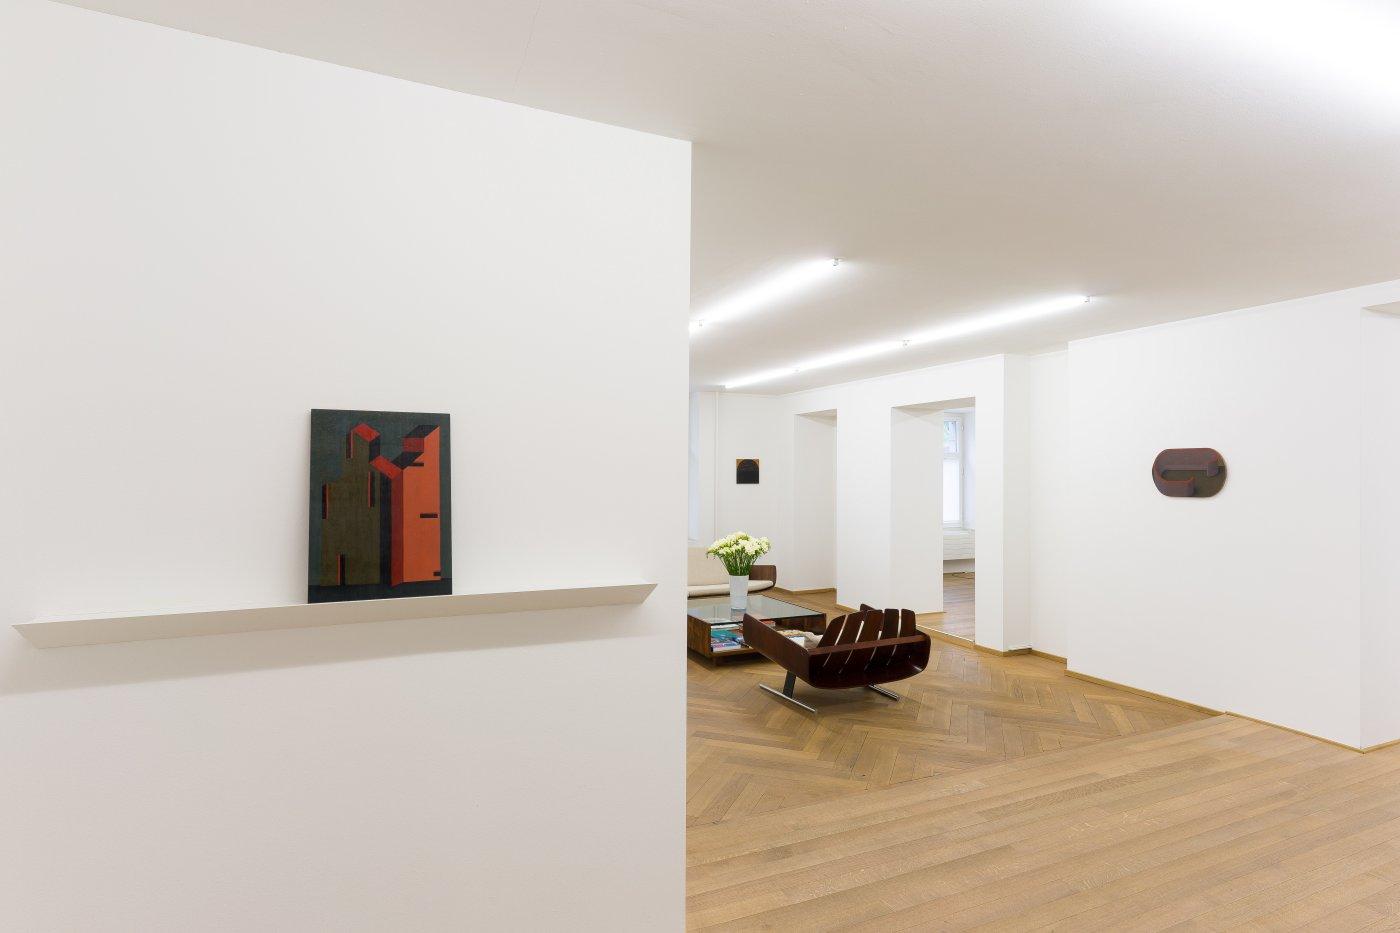 Mai 36 Galerie Laura Carralero 3